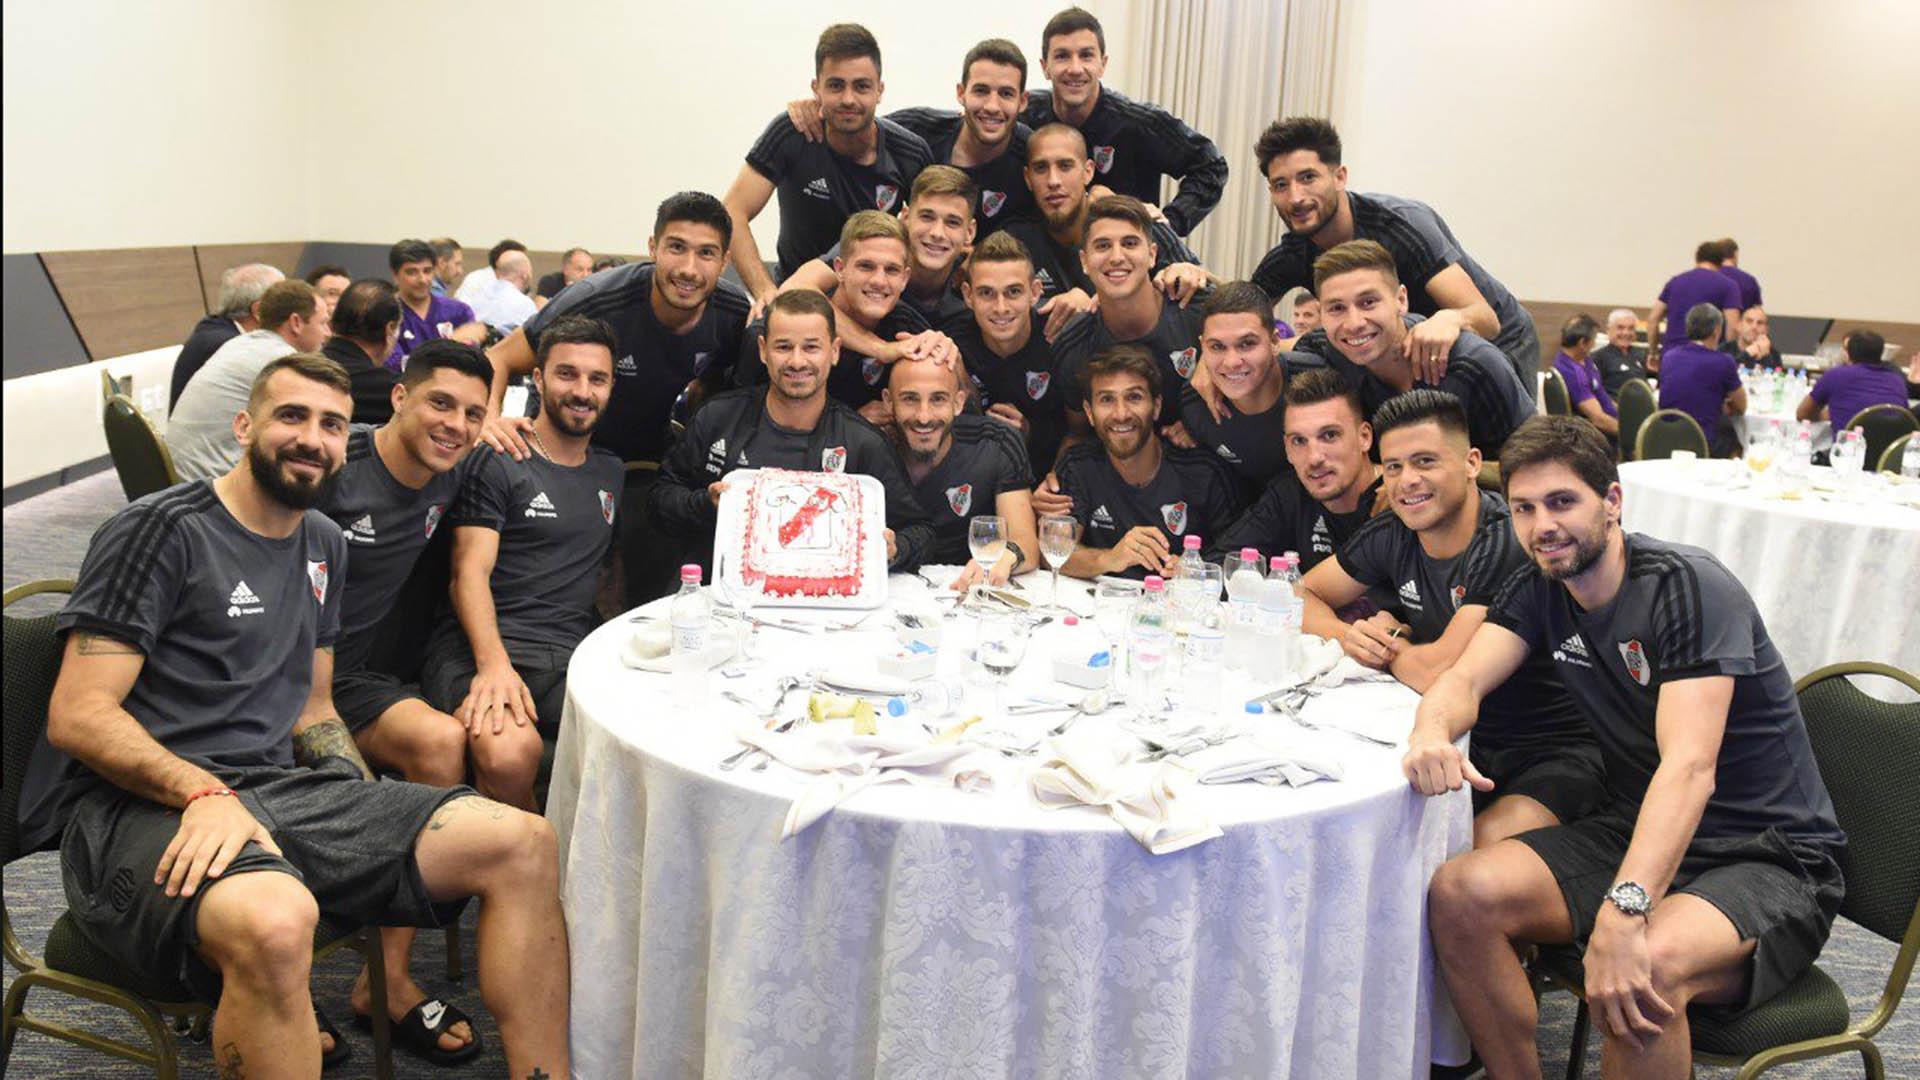 Los jugadores celebraron el 31° cumpleaños de Rodrigo Mora en el hotel (River oficial)